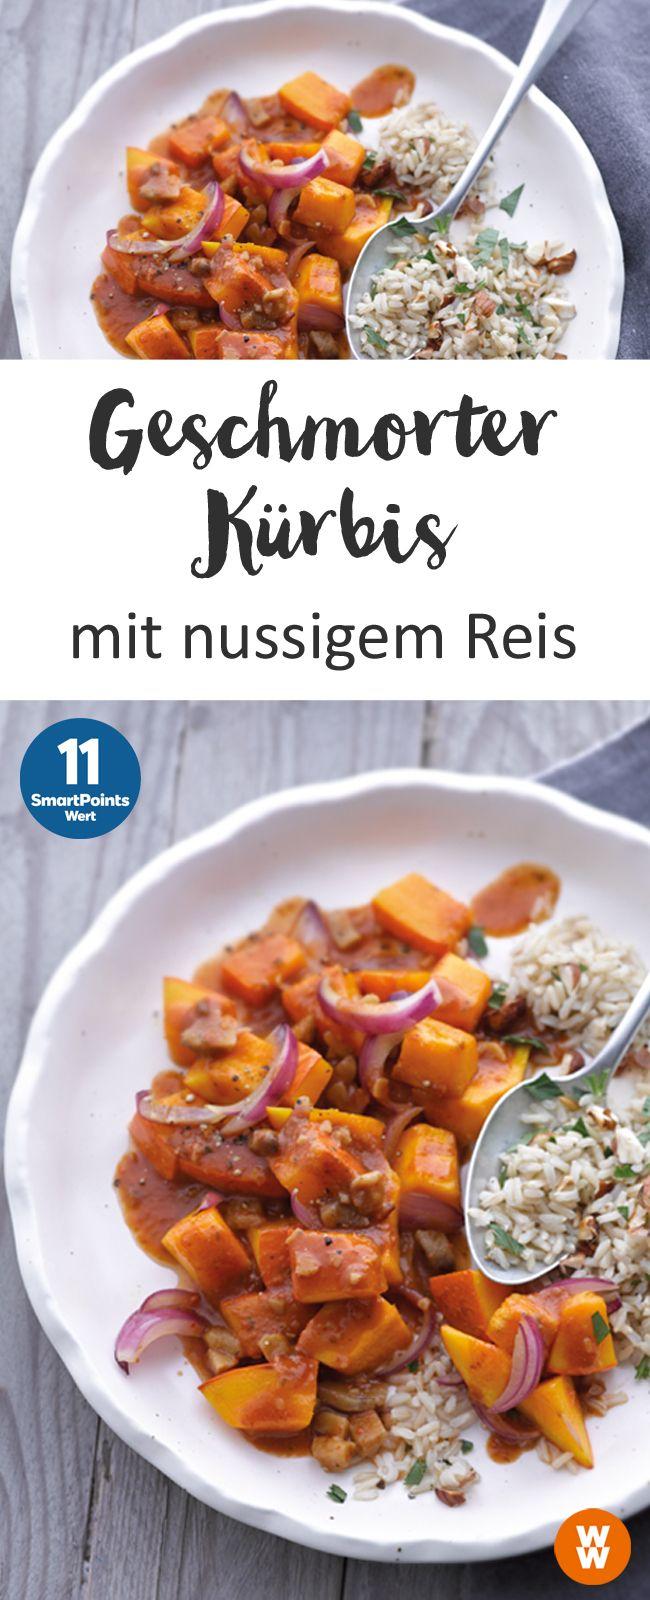 Geschmorten Kürbis mit nussigem Reis | 2 Portionen, 11 SmartPoints/Portion, Weight Watchers, fertig in 40 min.